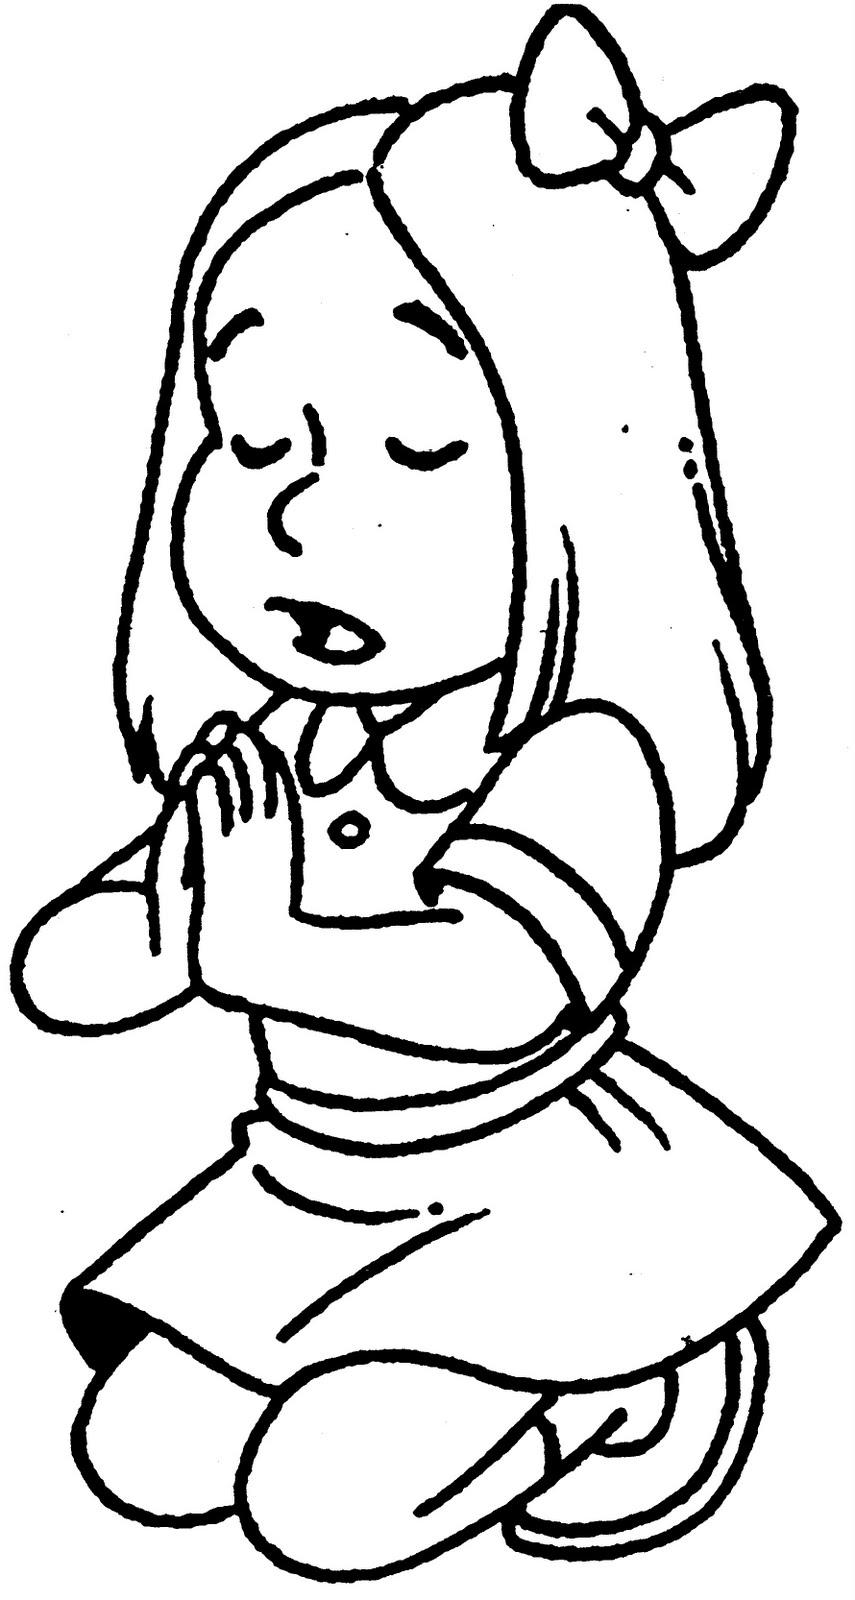 de desenhos de meninas para imprimir e colorir esses desenhos são